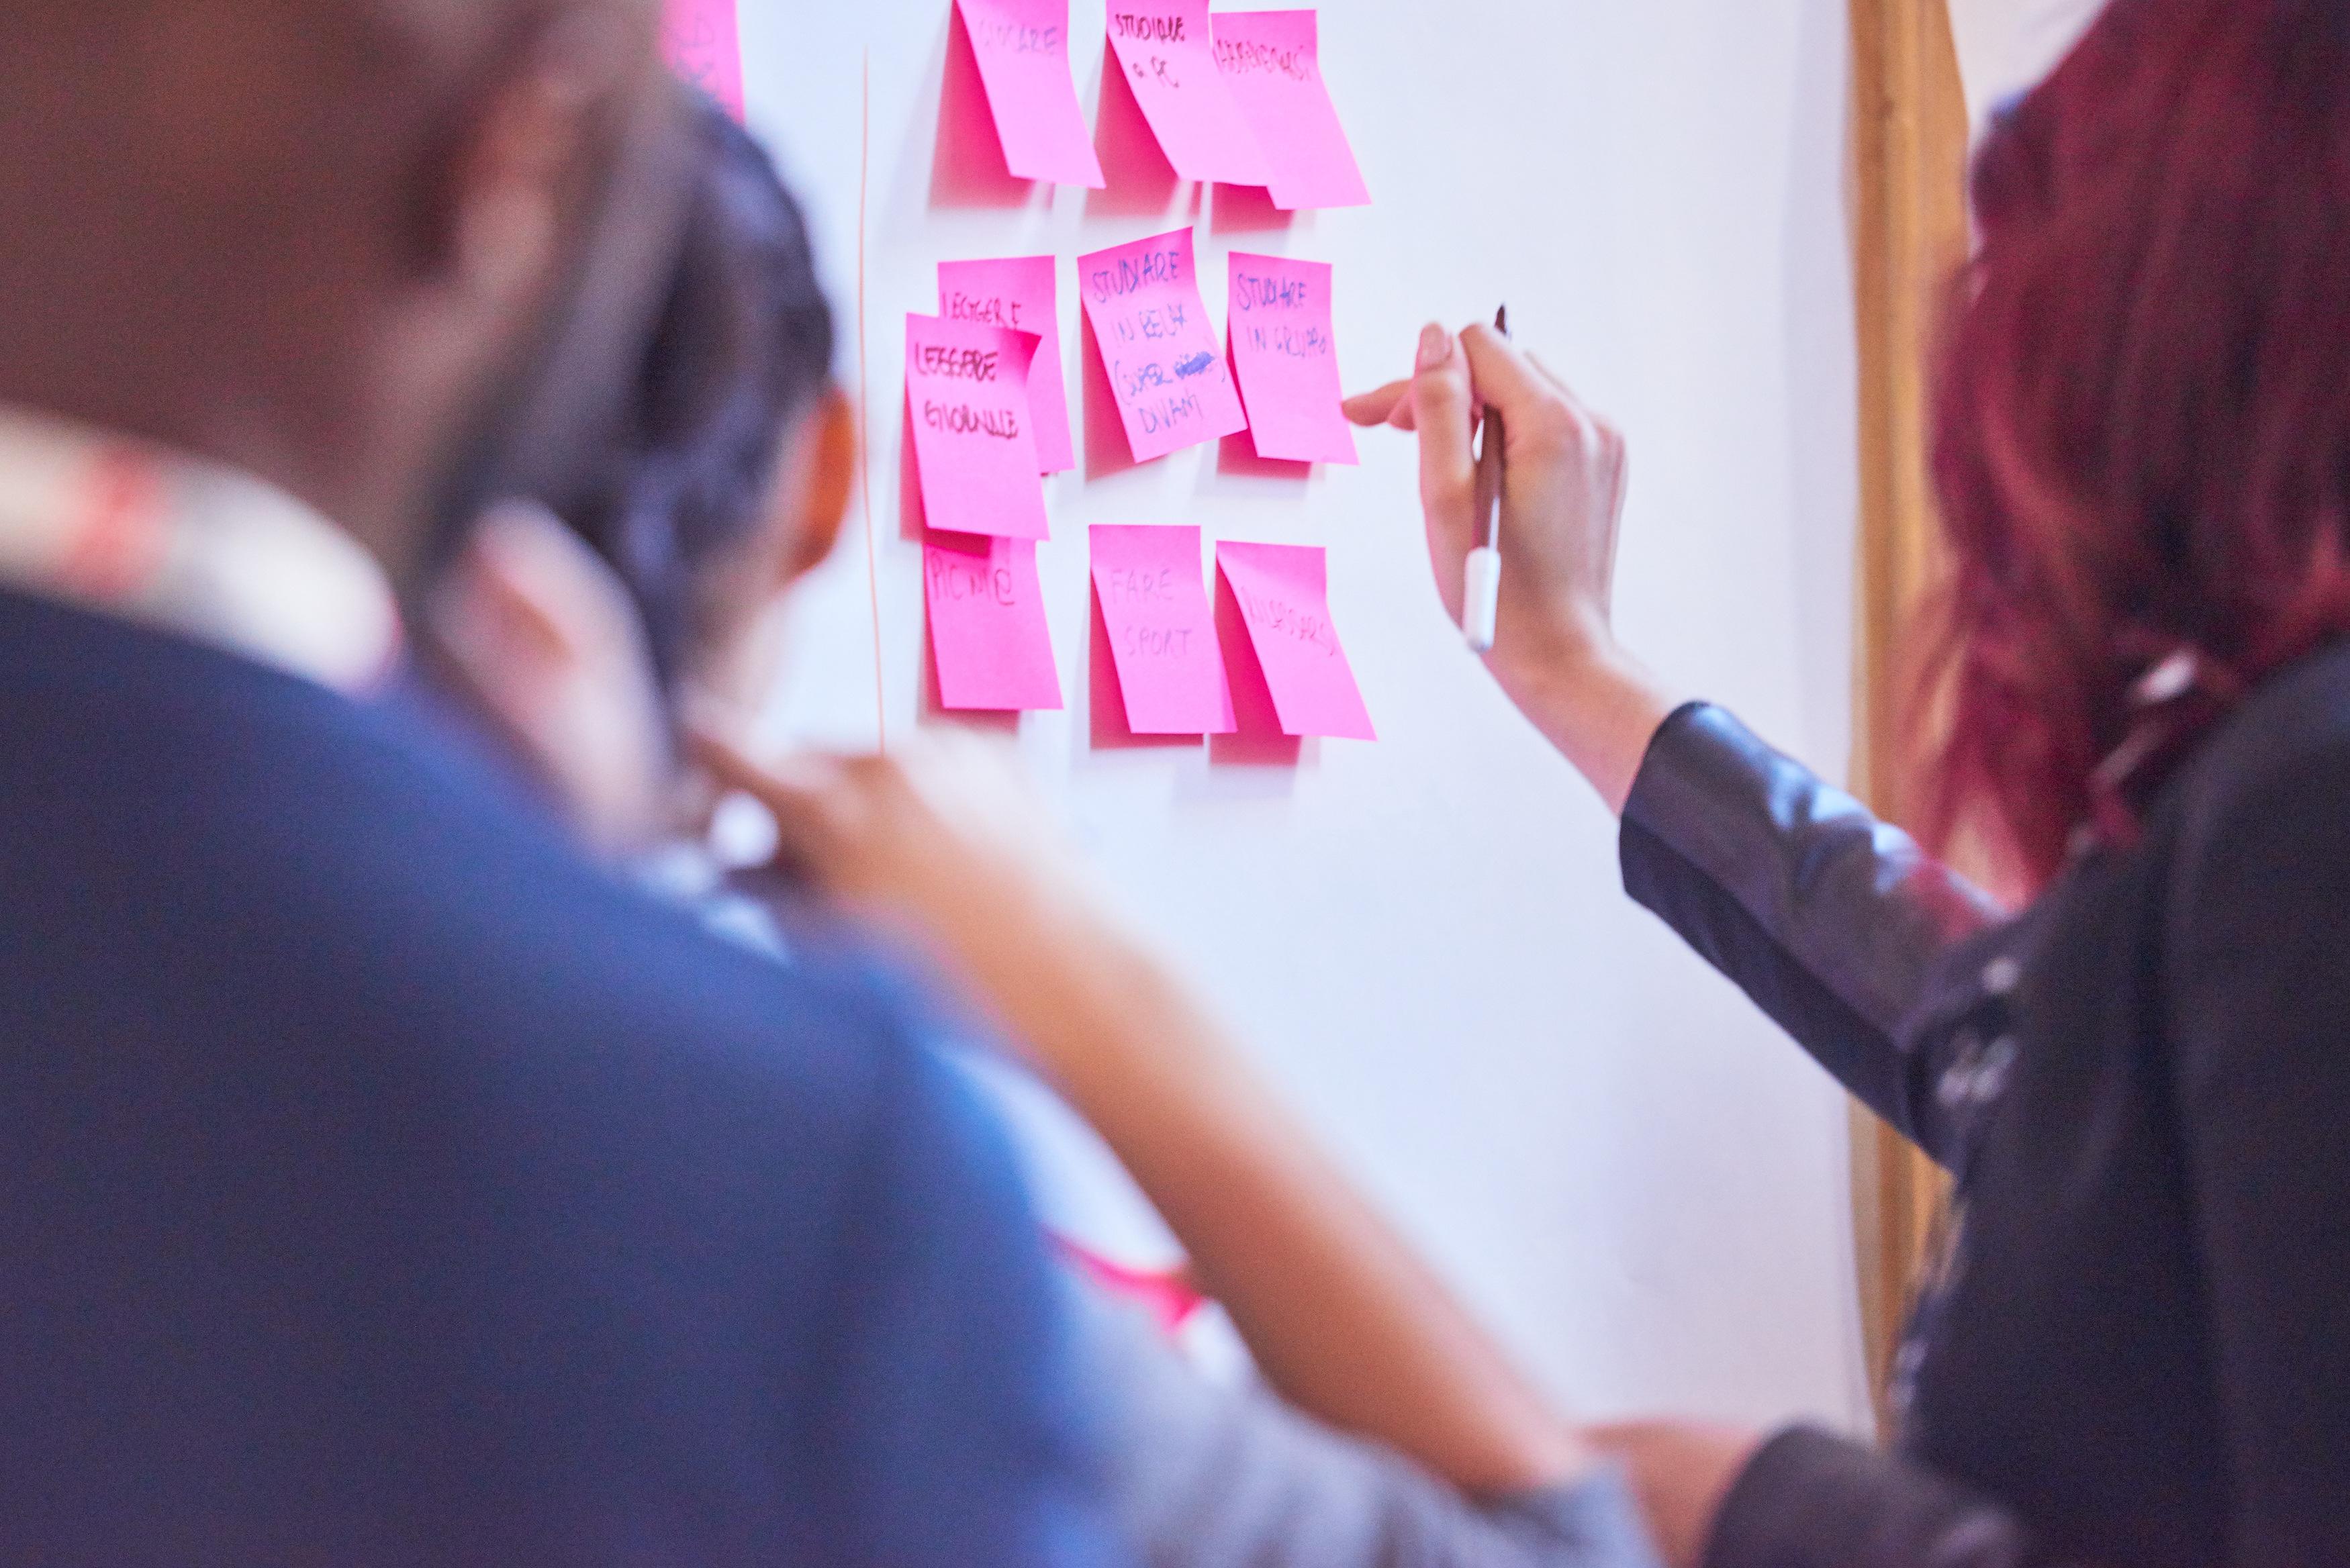 workshop corsi milano formazione professional skills